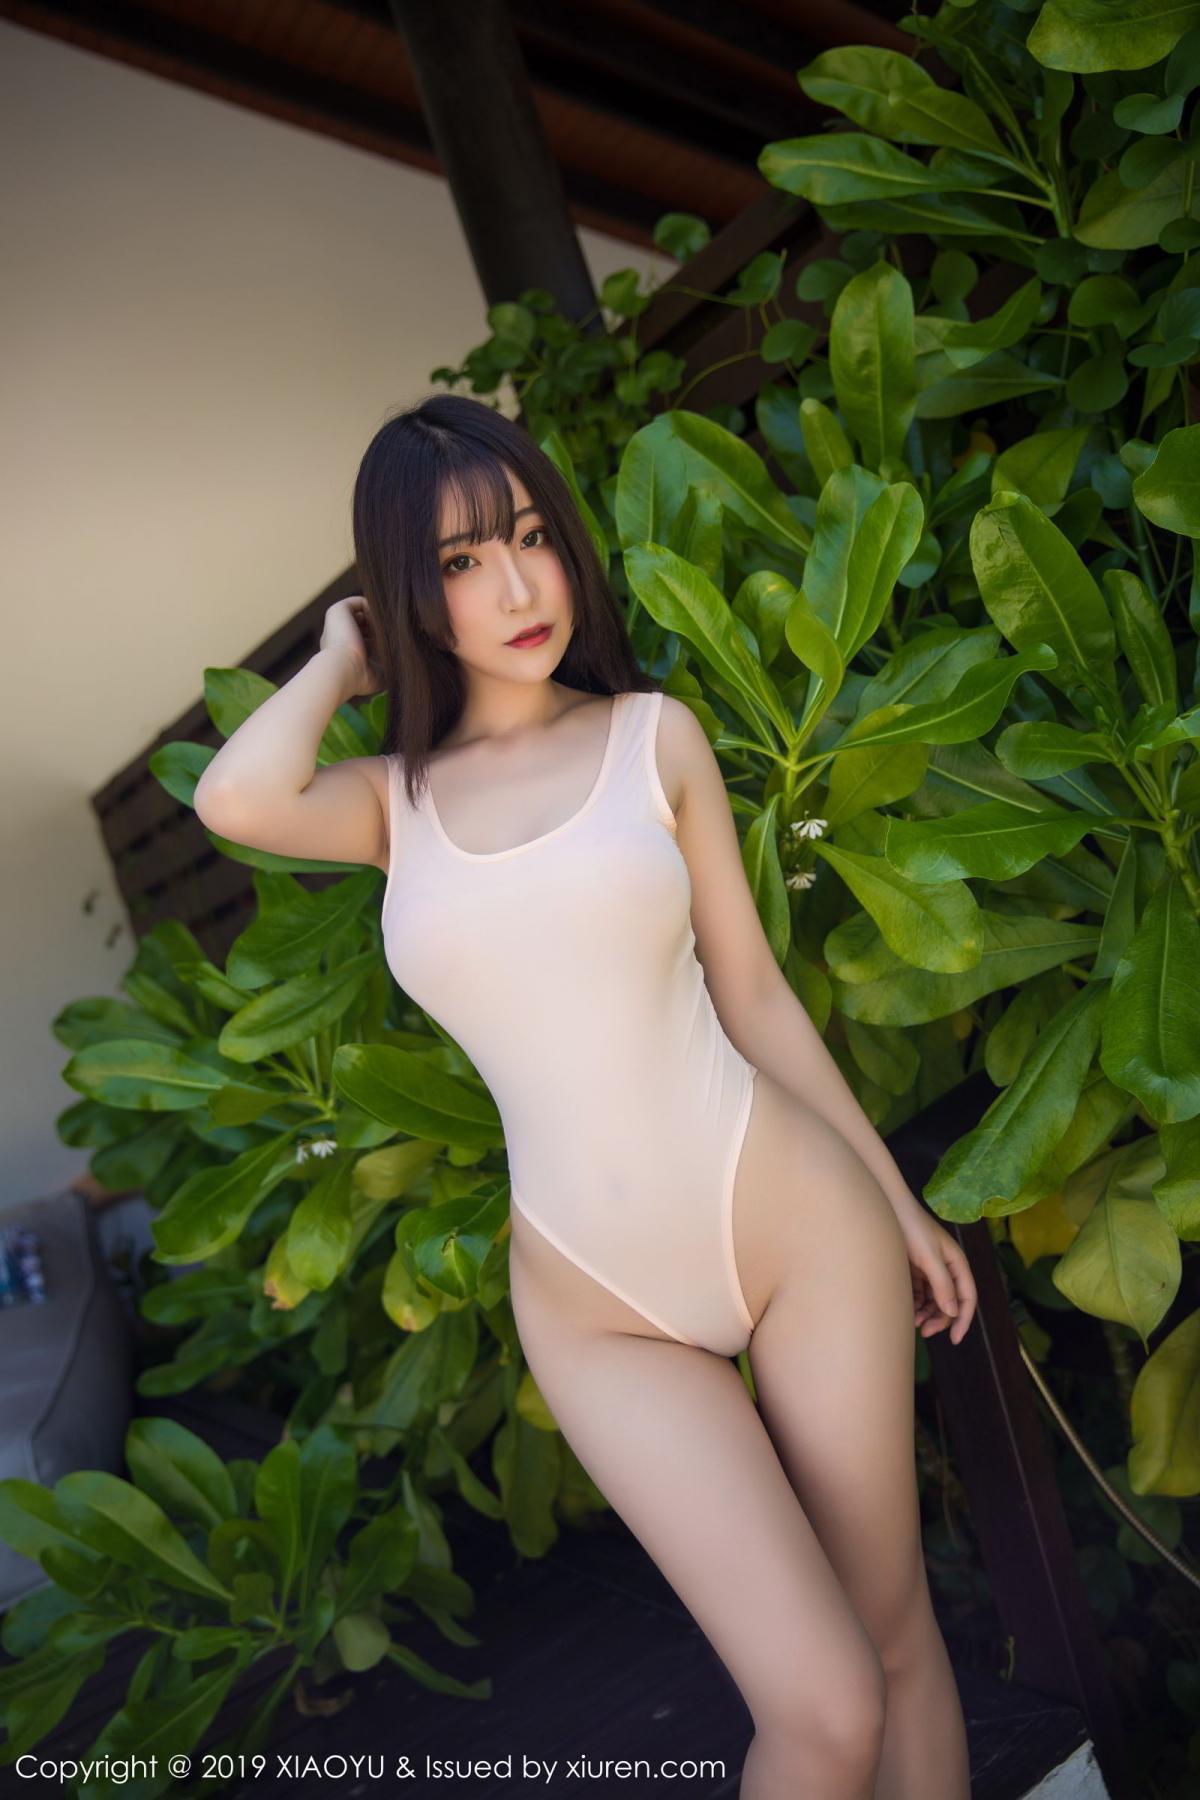 [XiaoYu] Vol.155 Xie Zhi Xin 12P, Bathroom, Big Booty, Wet, XiaoYu, Xie Zhi Xin